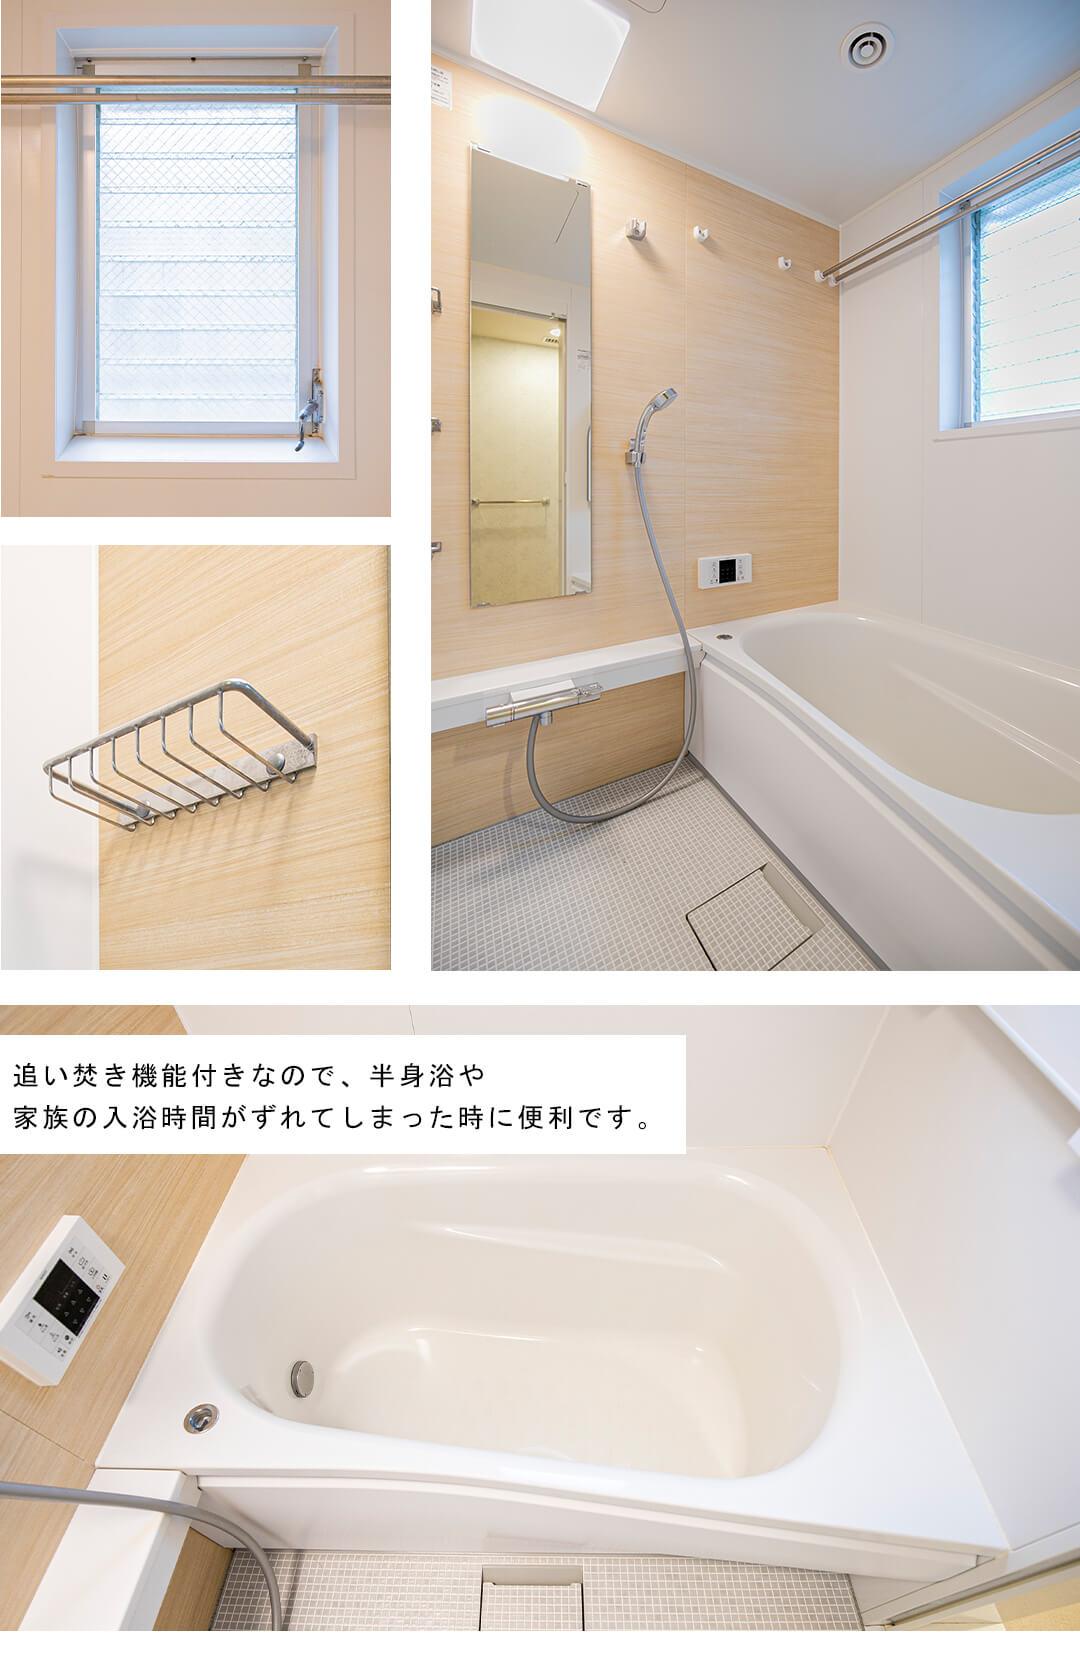 ハウス吉祥寺B館の浴室